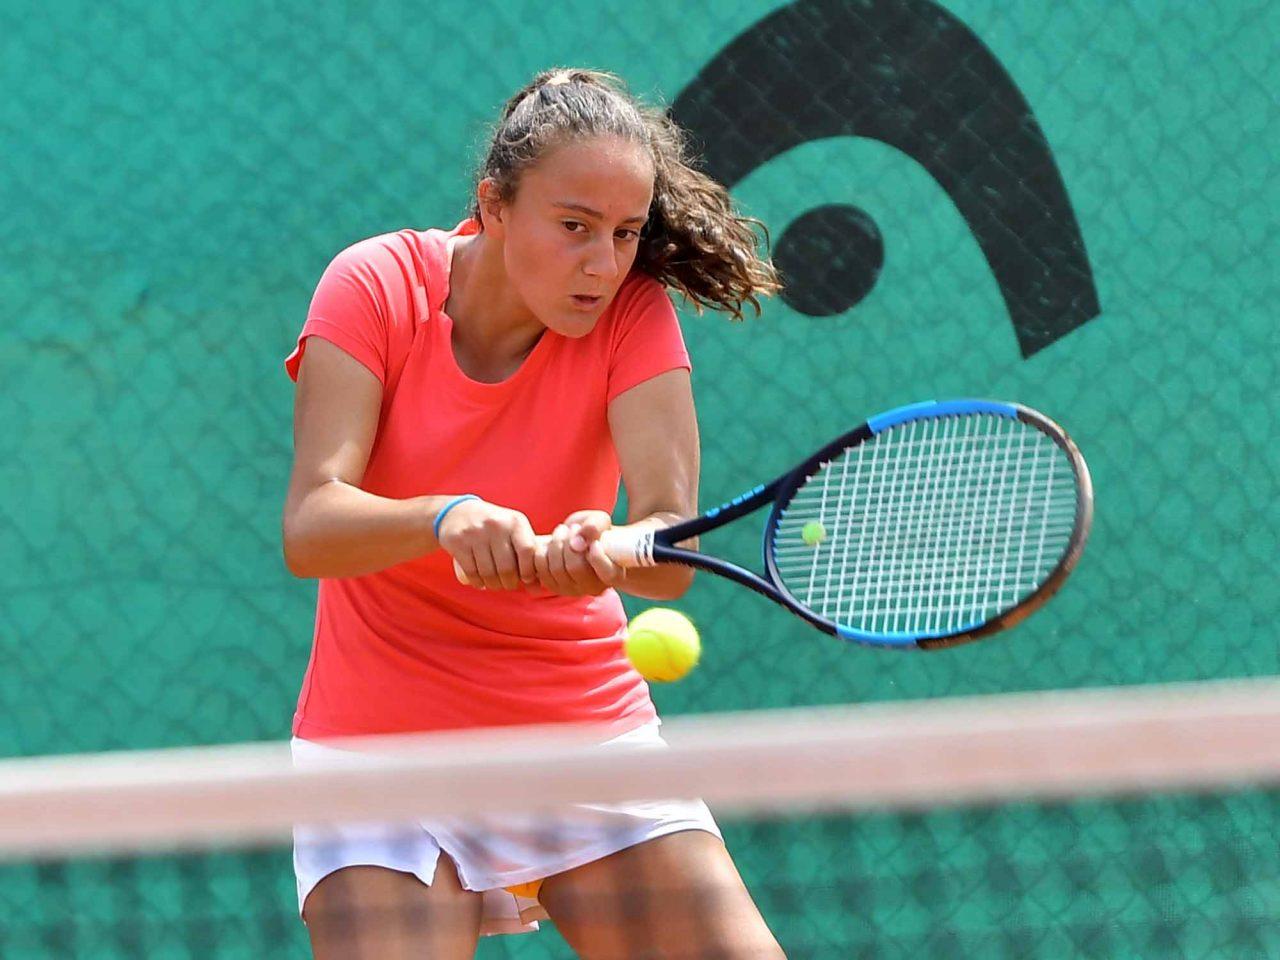 Държавно първенство тенис до 14 год. ТК 15-40 финал двойки (18)